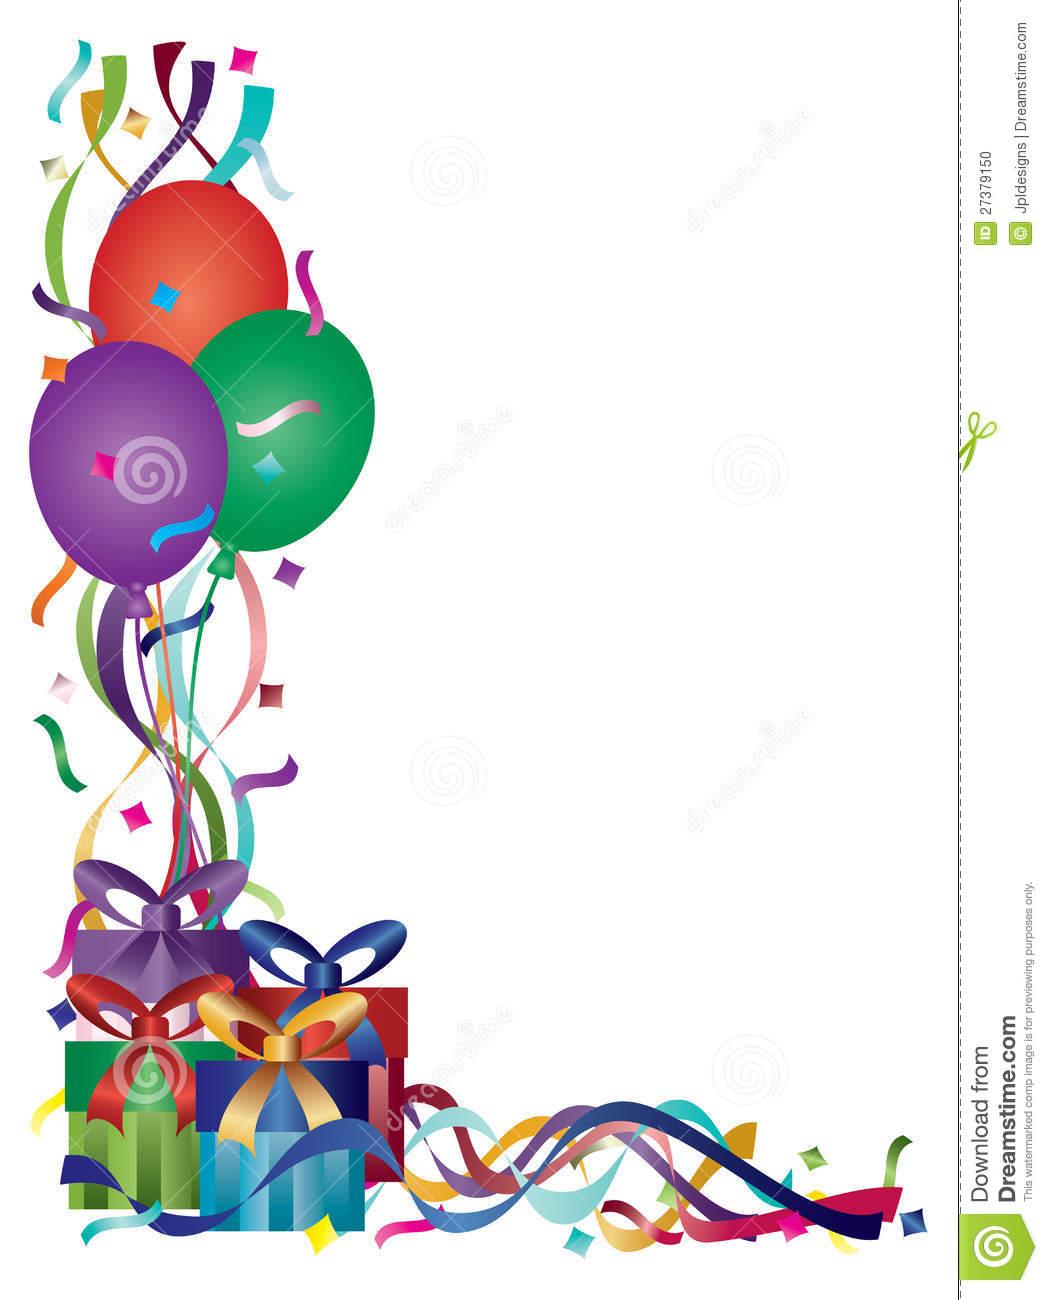 40th Wedding Anniversary Gift Ideas 015 - 40th Wedding Anniversary Gift Ideas